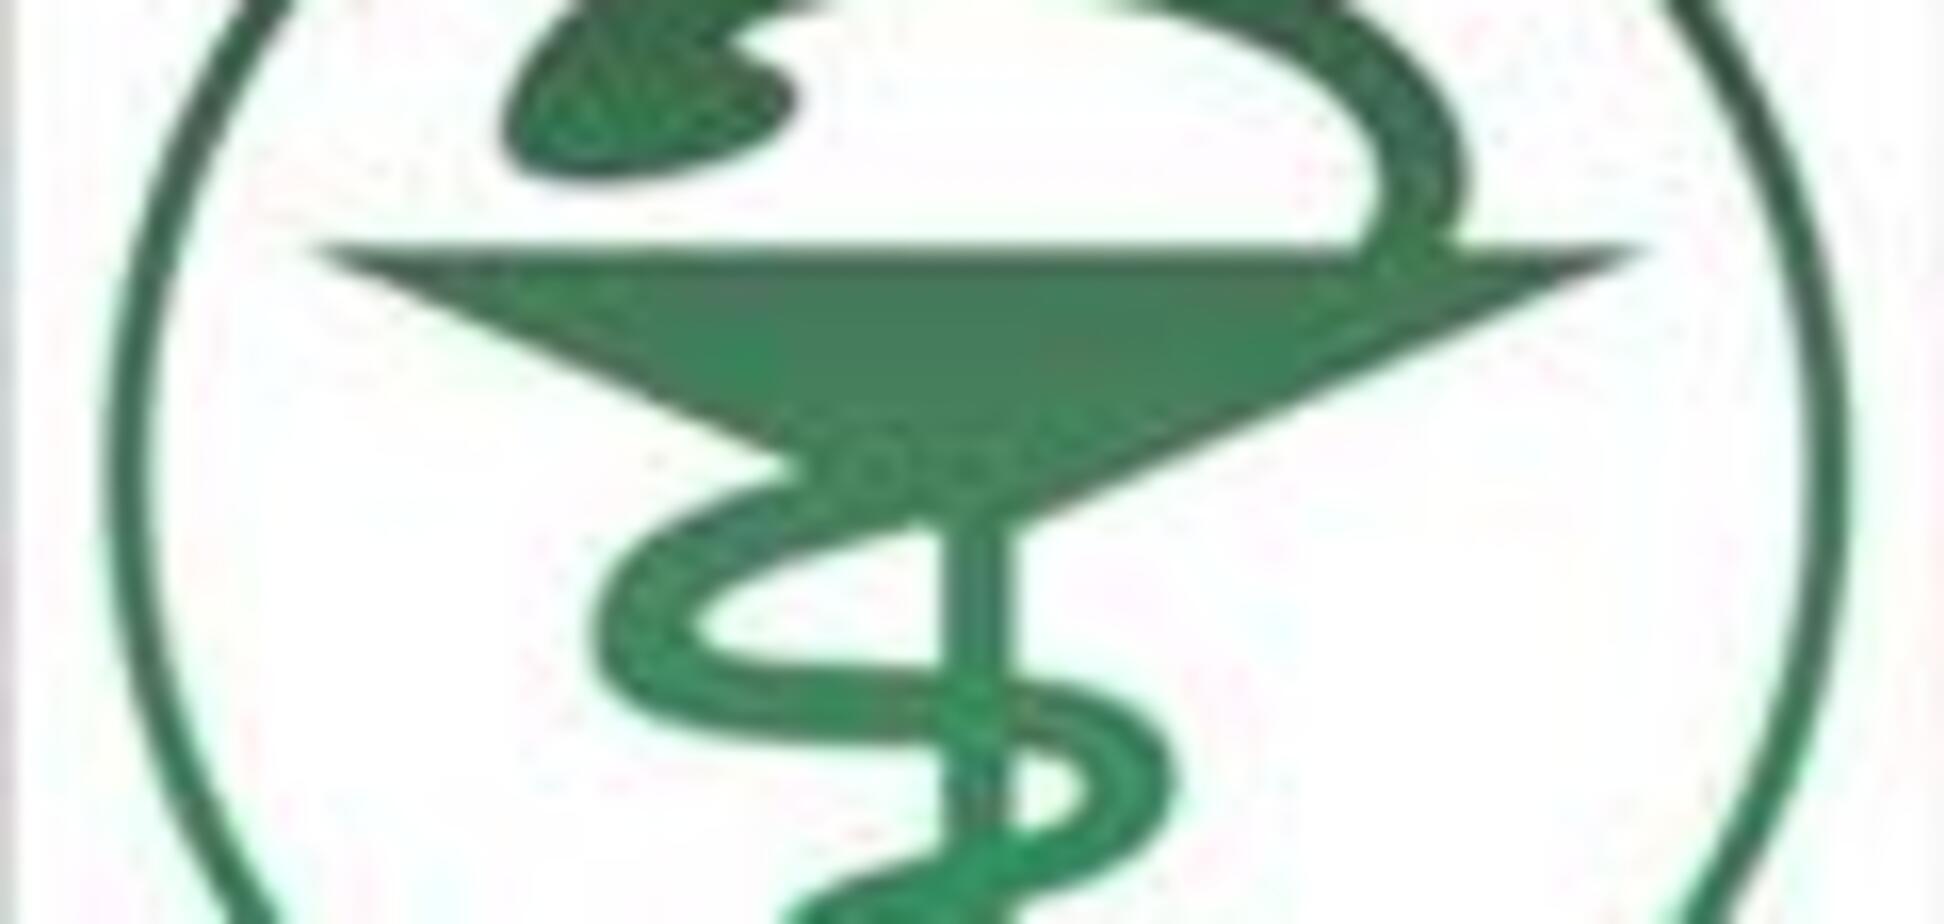 Близько 20 аптек позбудуться ліцензії за порушення